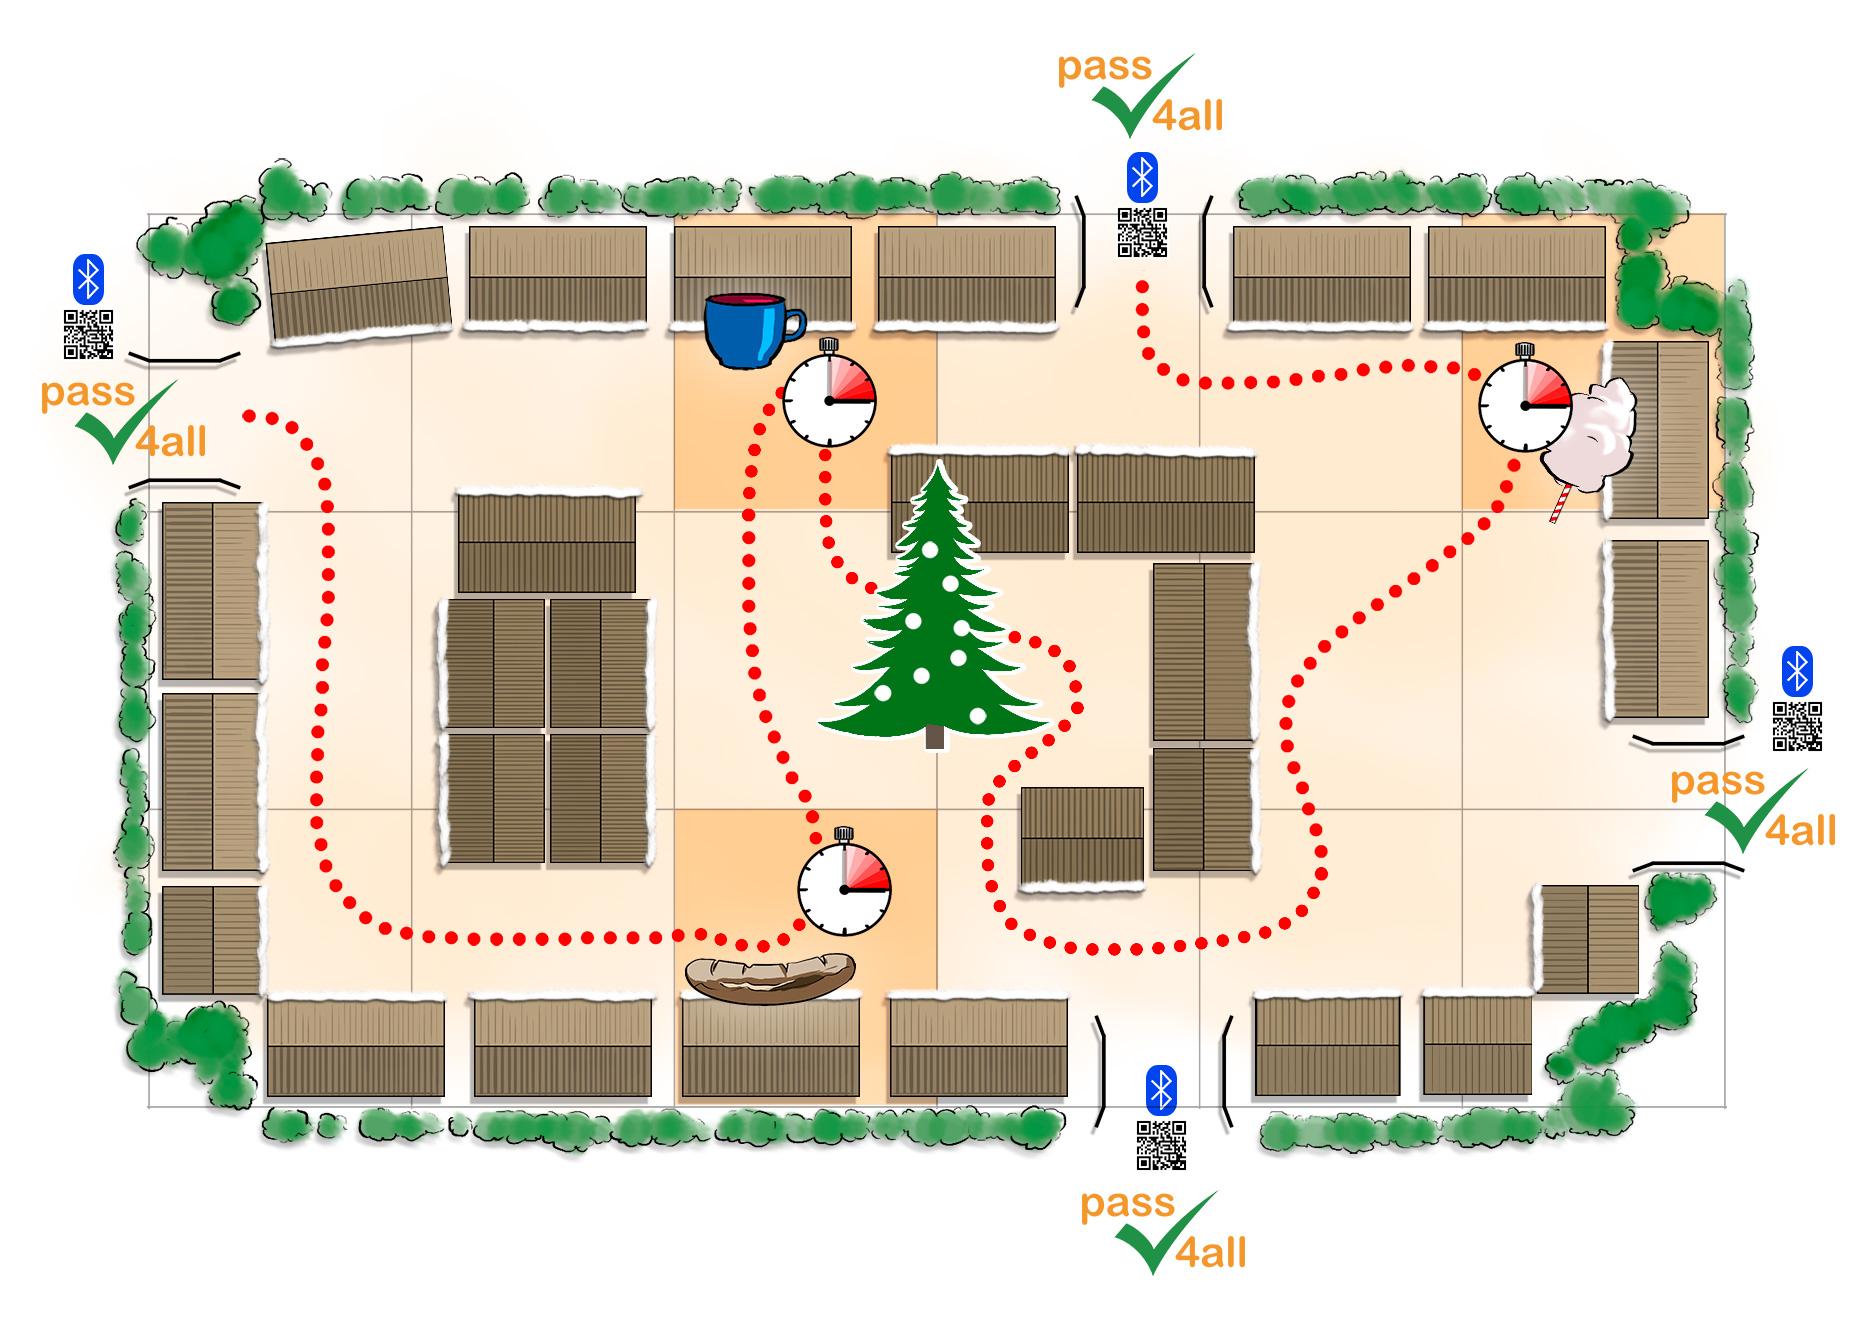 pass4all Weihnachtsmärkte digitale Kontaktnachverfolgung Geofencing